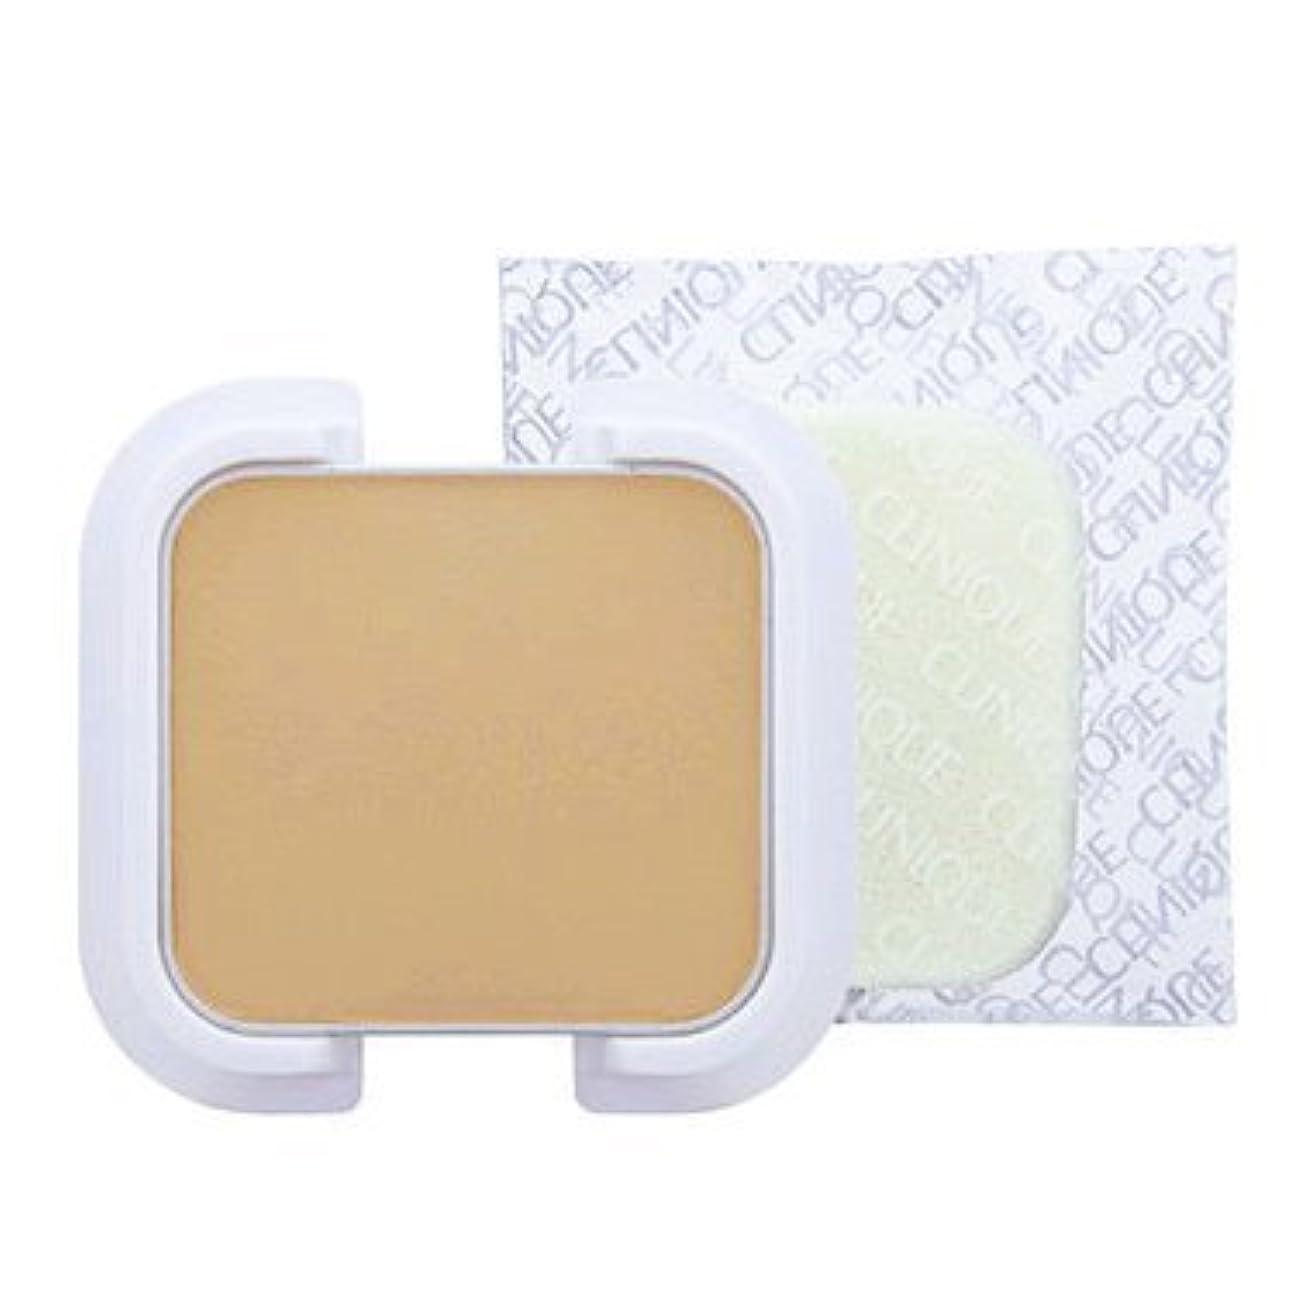 に対して柔らかい足選択するCLINIQUE クリニーク イーブン ベター パウダー メークアップ ウォーター ヴェール 27 (リフィル) #64 cream beige SPF27/PA+++ 10g [並行輸入品]